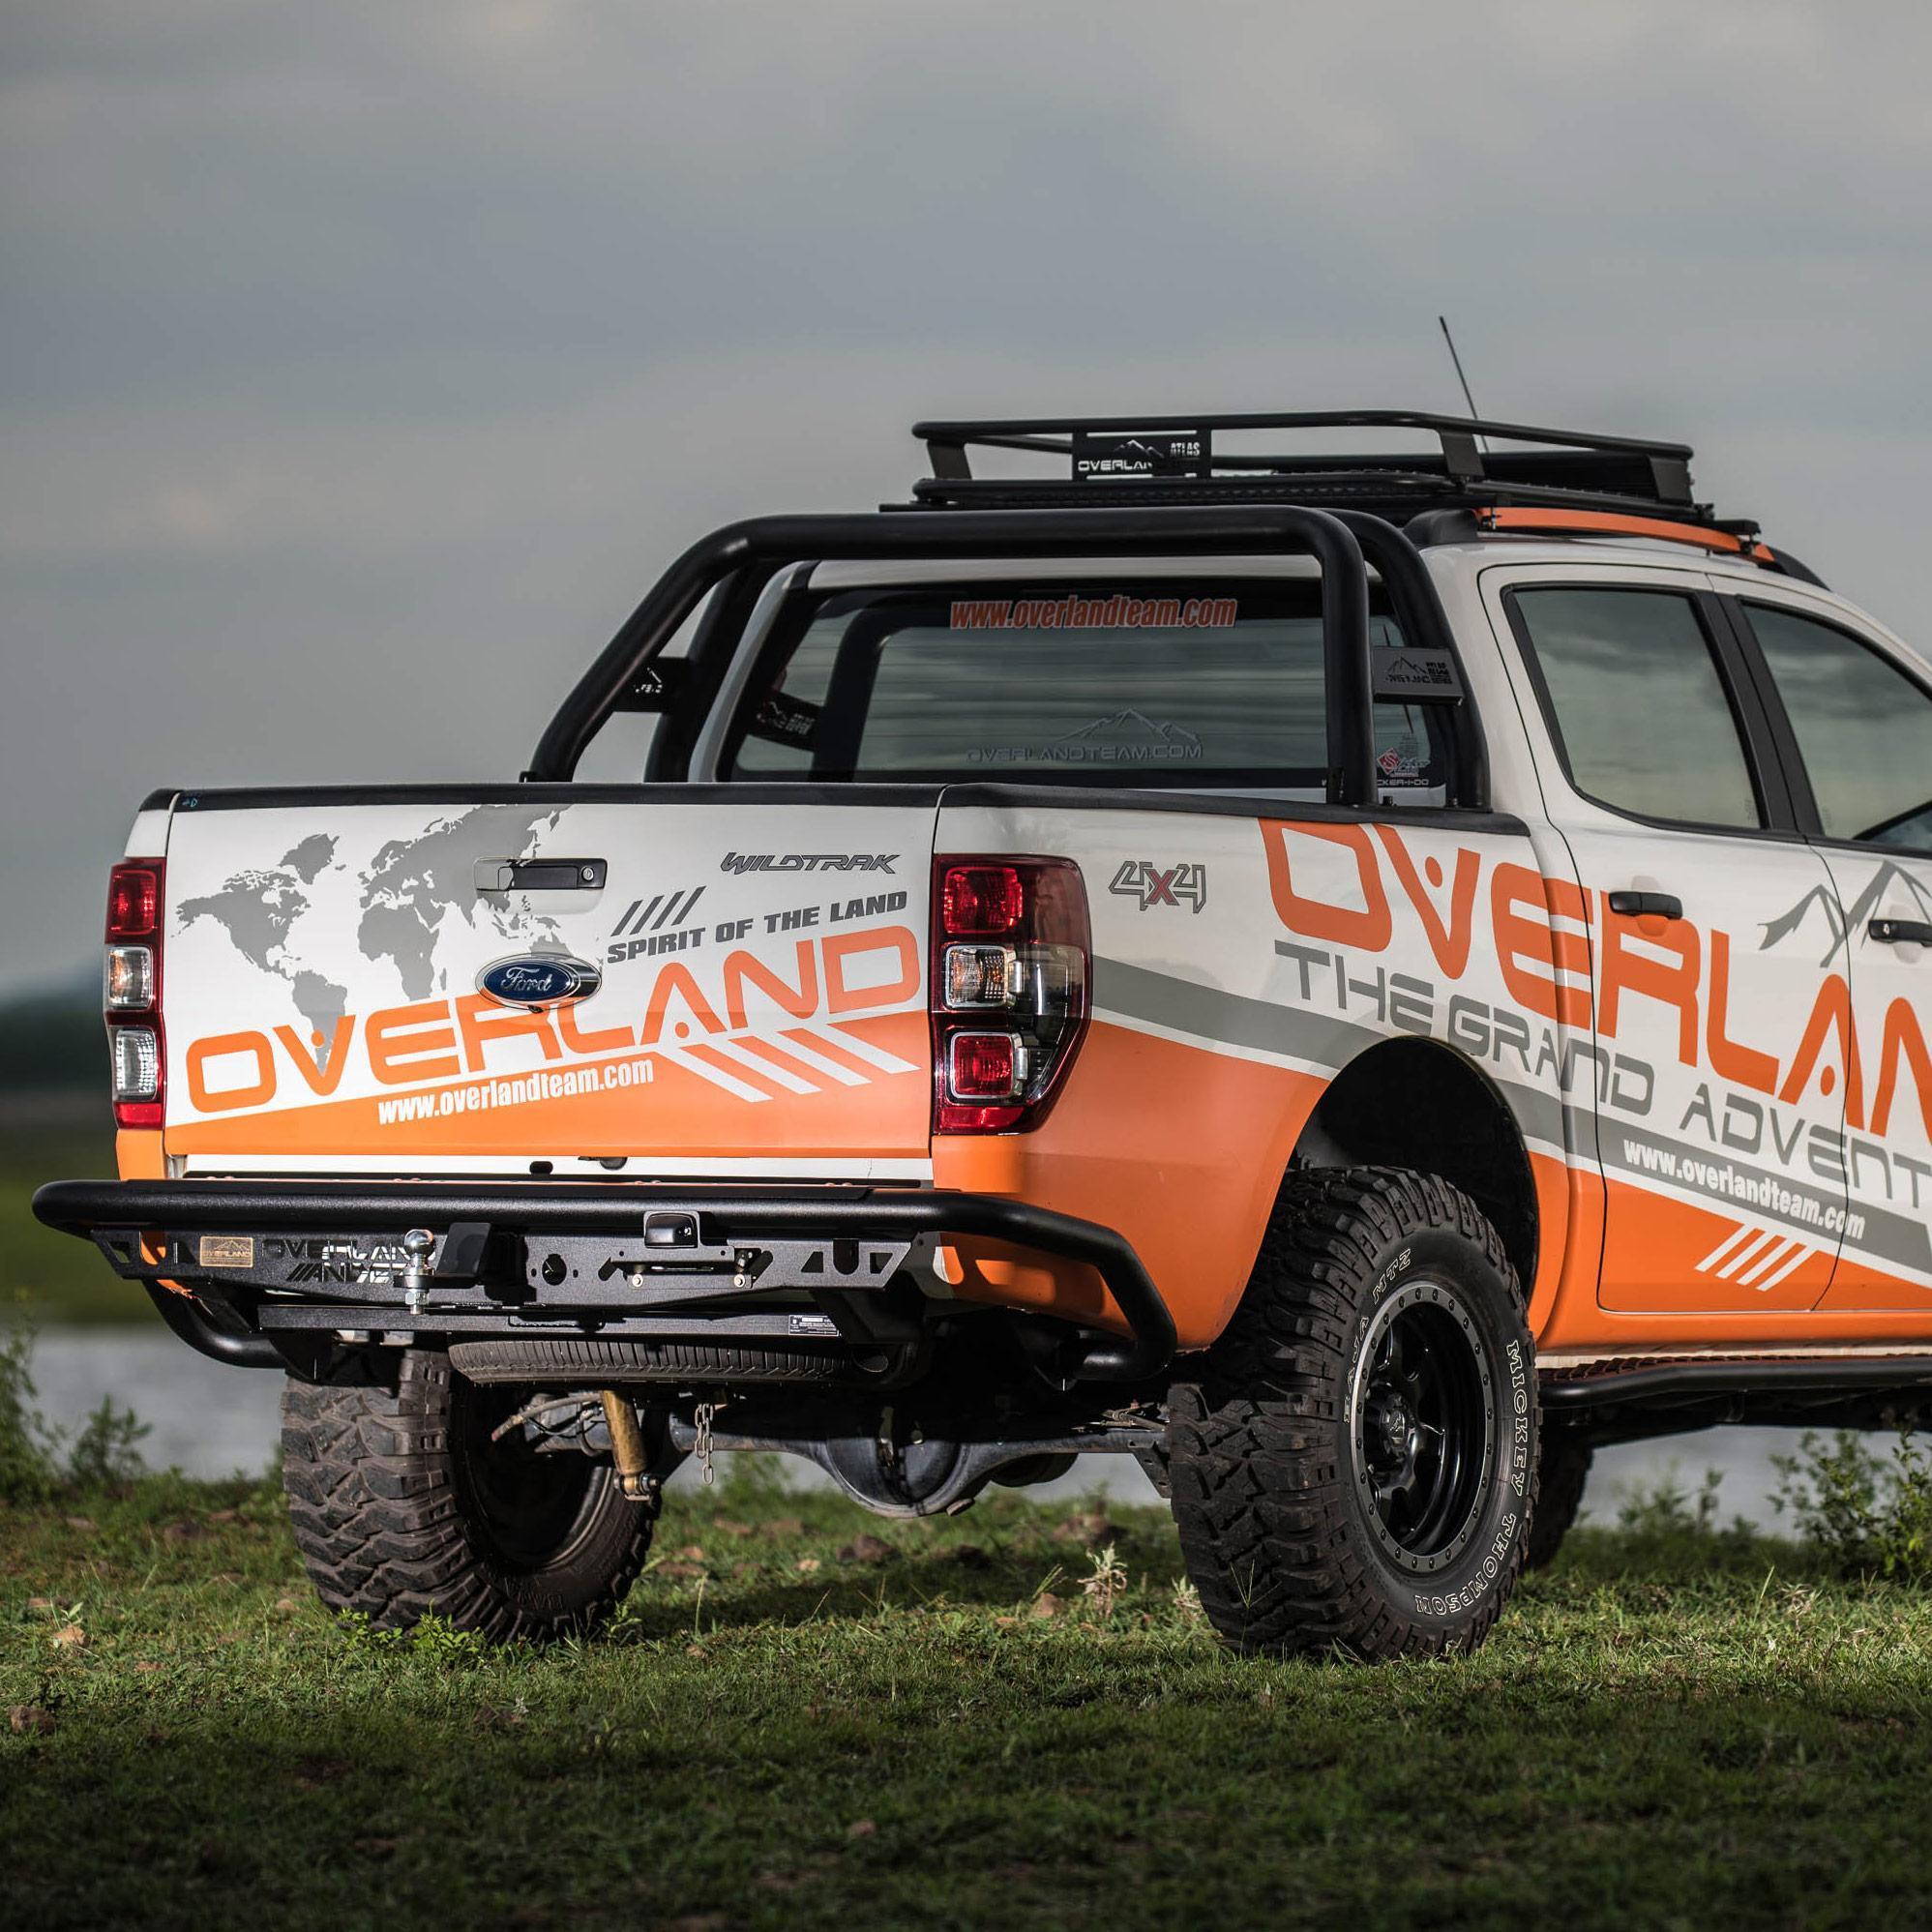 Ford Ranger Tuning >> Offroad Zubehör und Tuning für den Ford Ranger